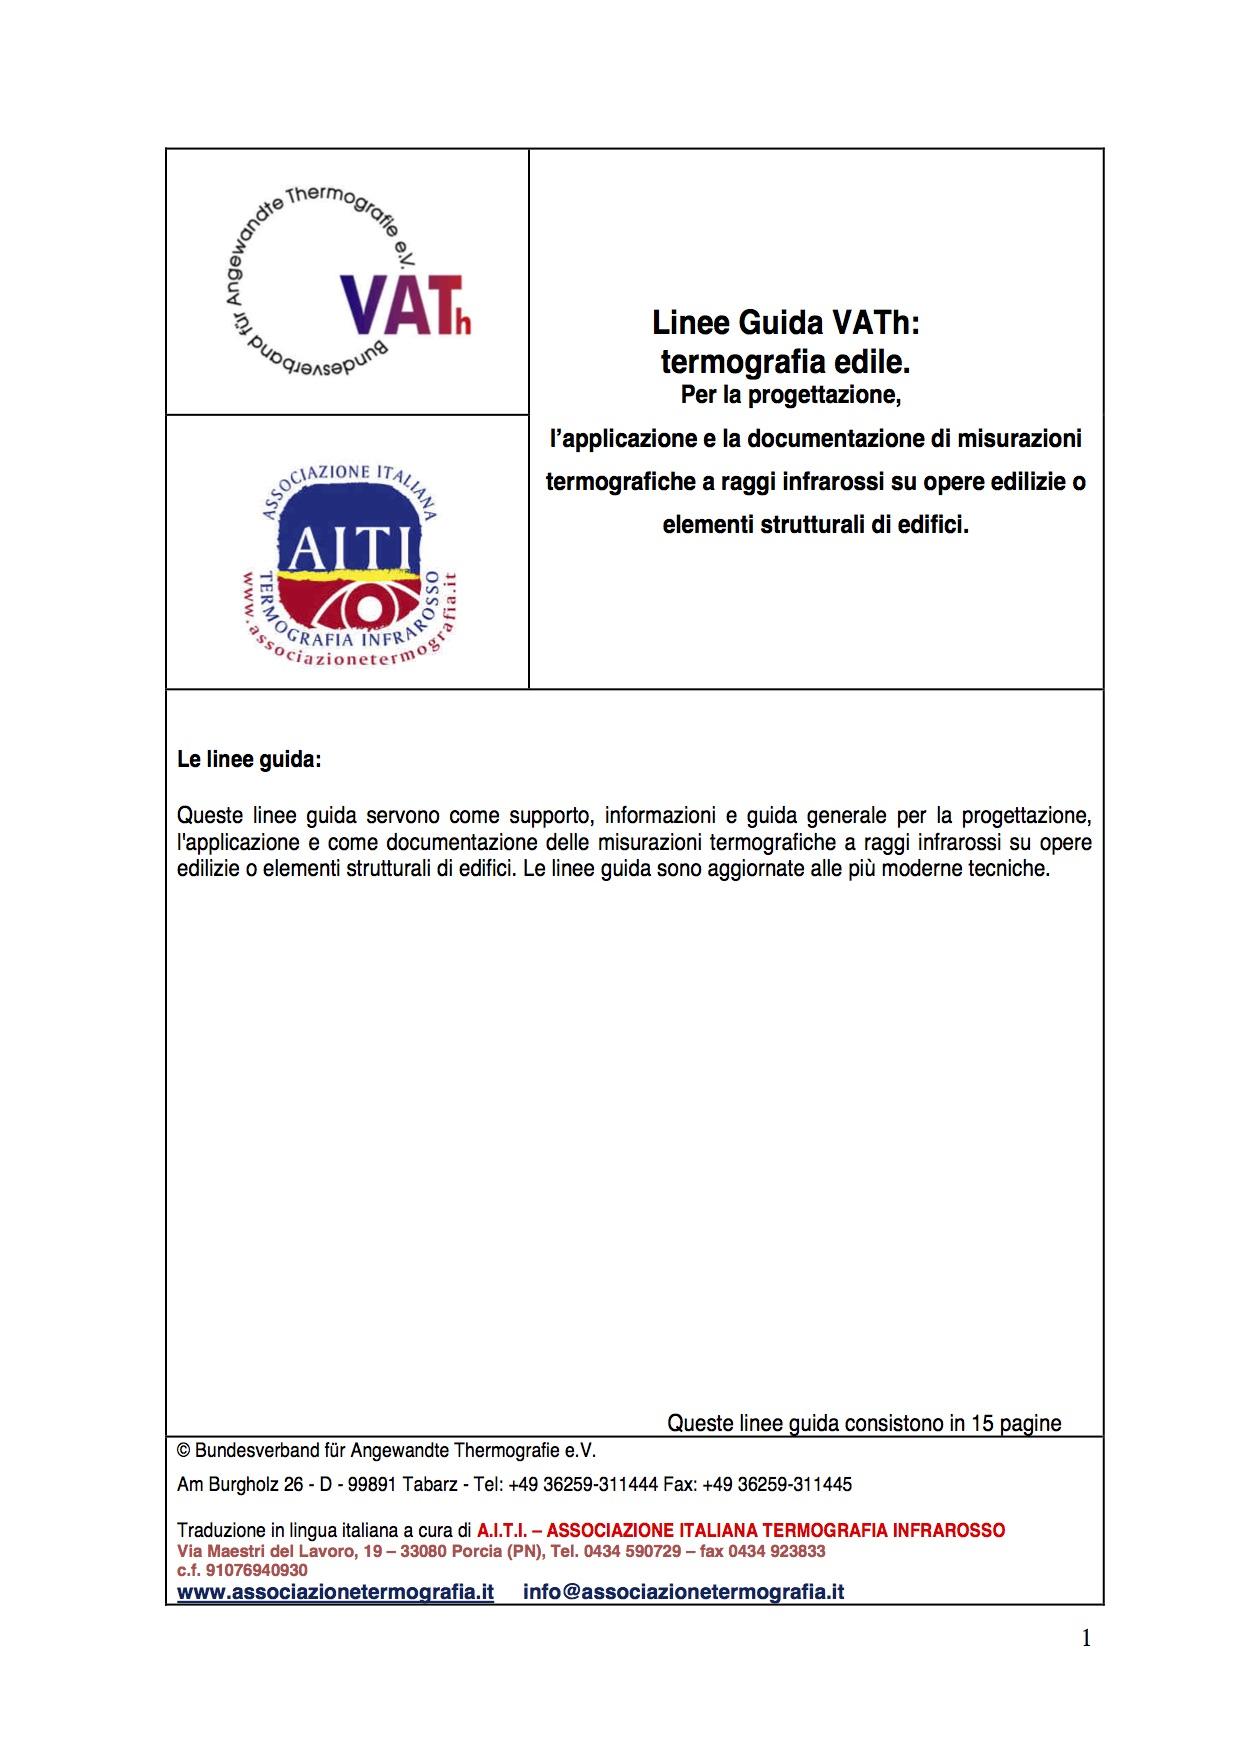 Linee Guida Vath per le ispezioni in edilizia..